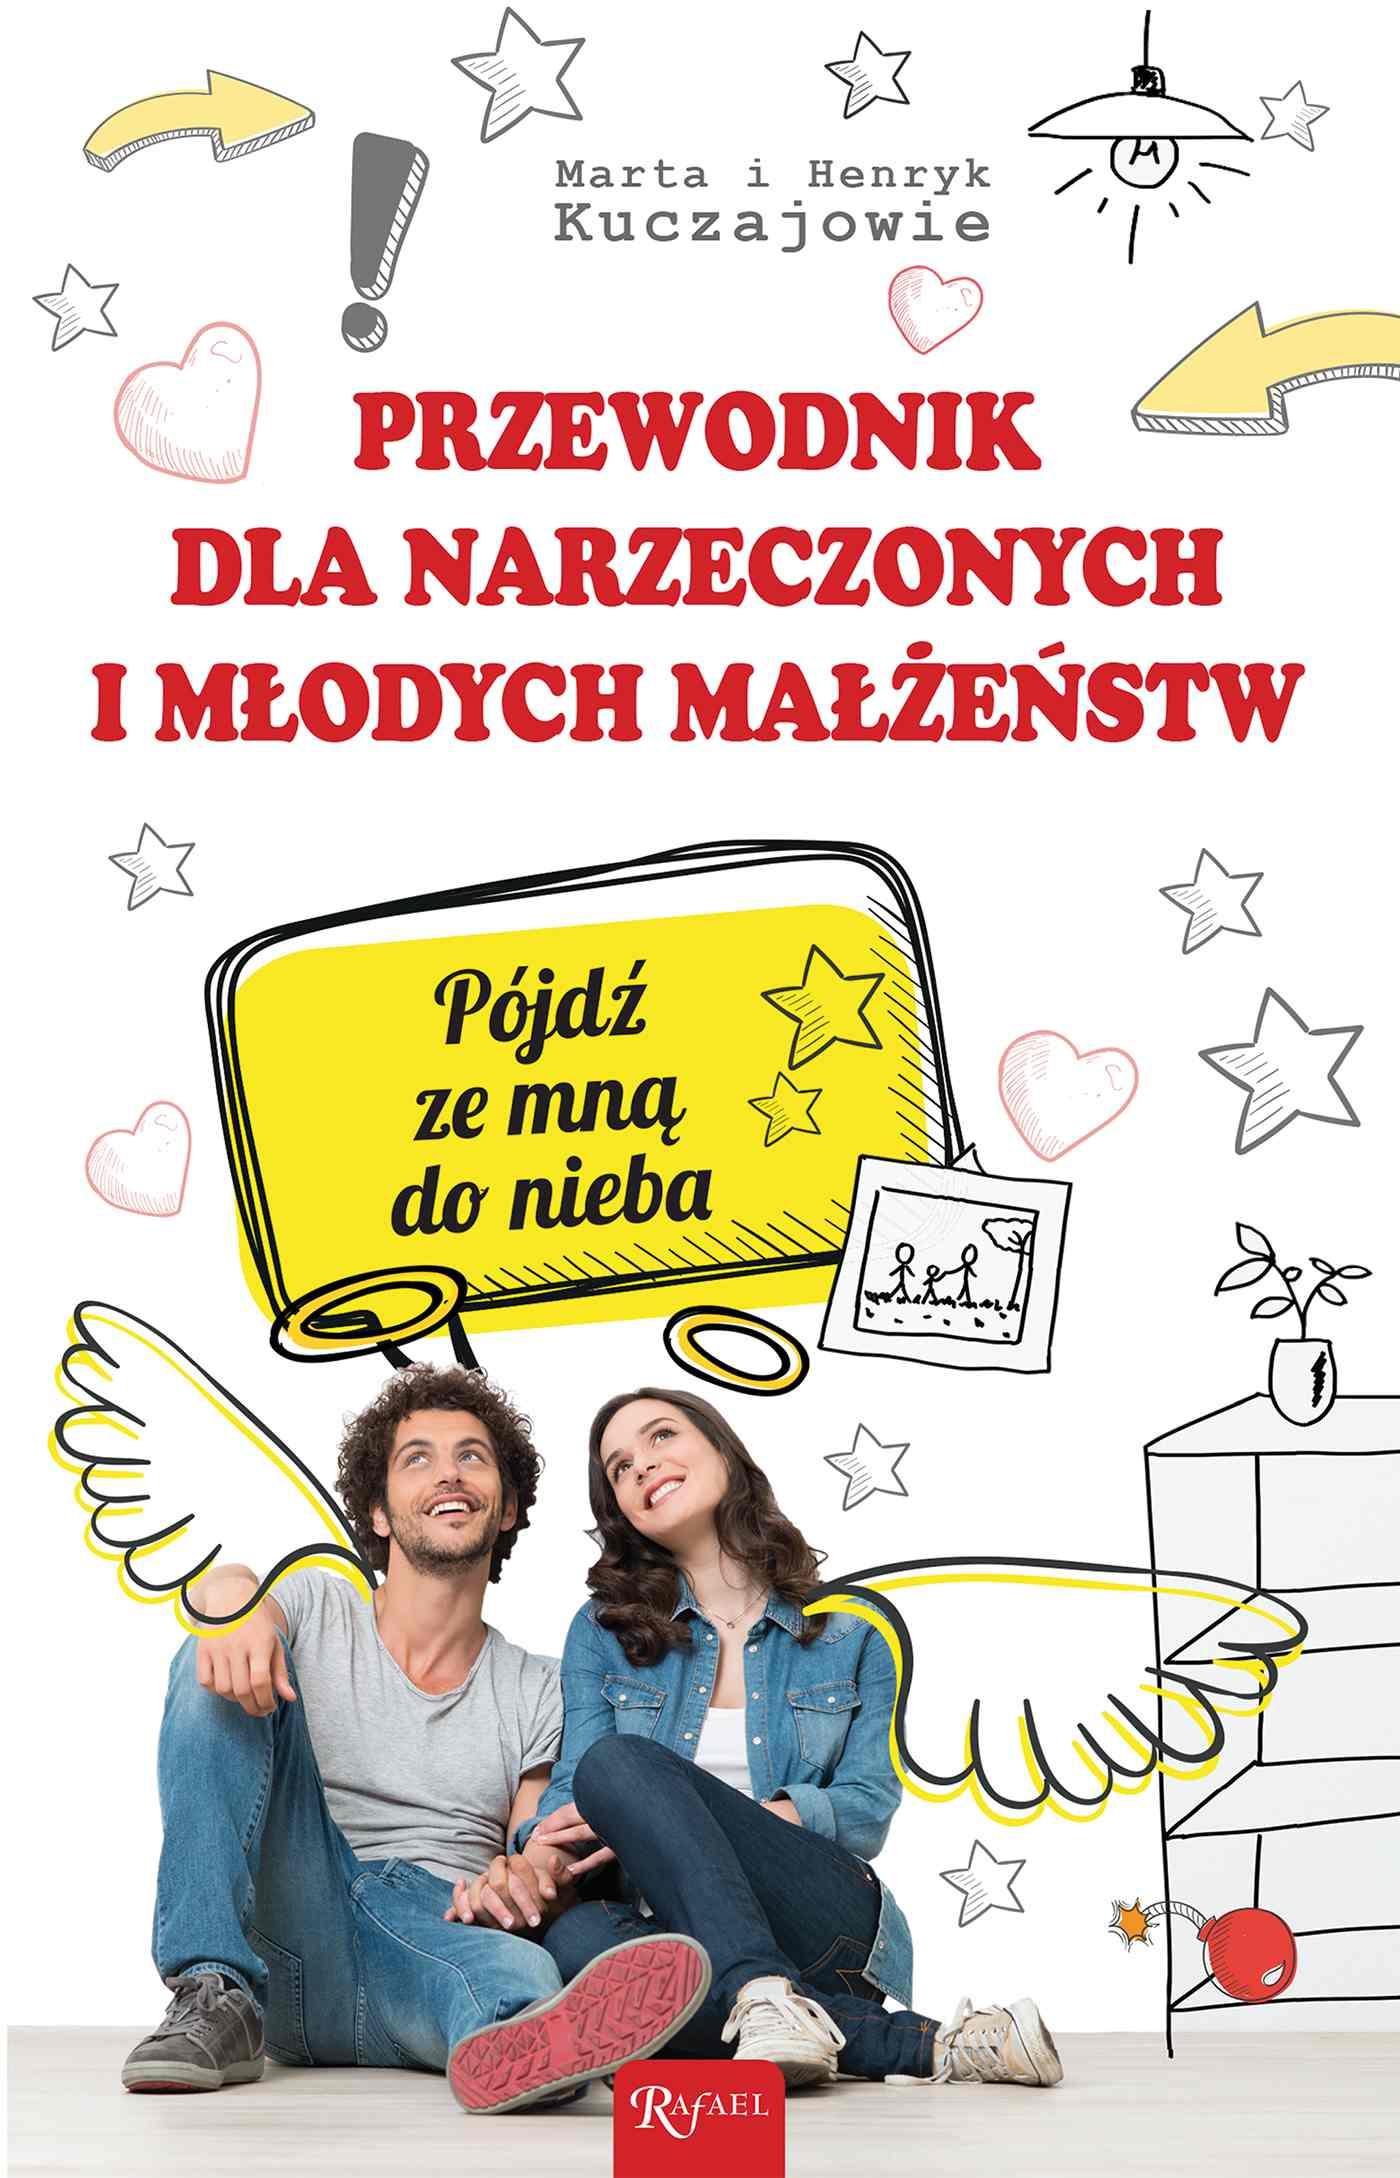 Przewodnik dla narzeczonych i młodych małżeństw - Ebook (Książka EPUB) do pobrania w formacie EPUB